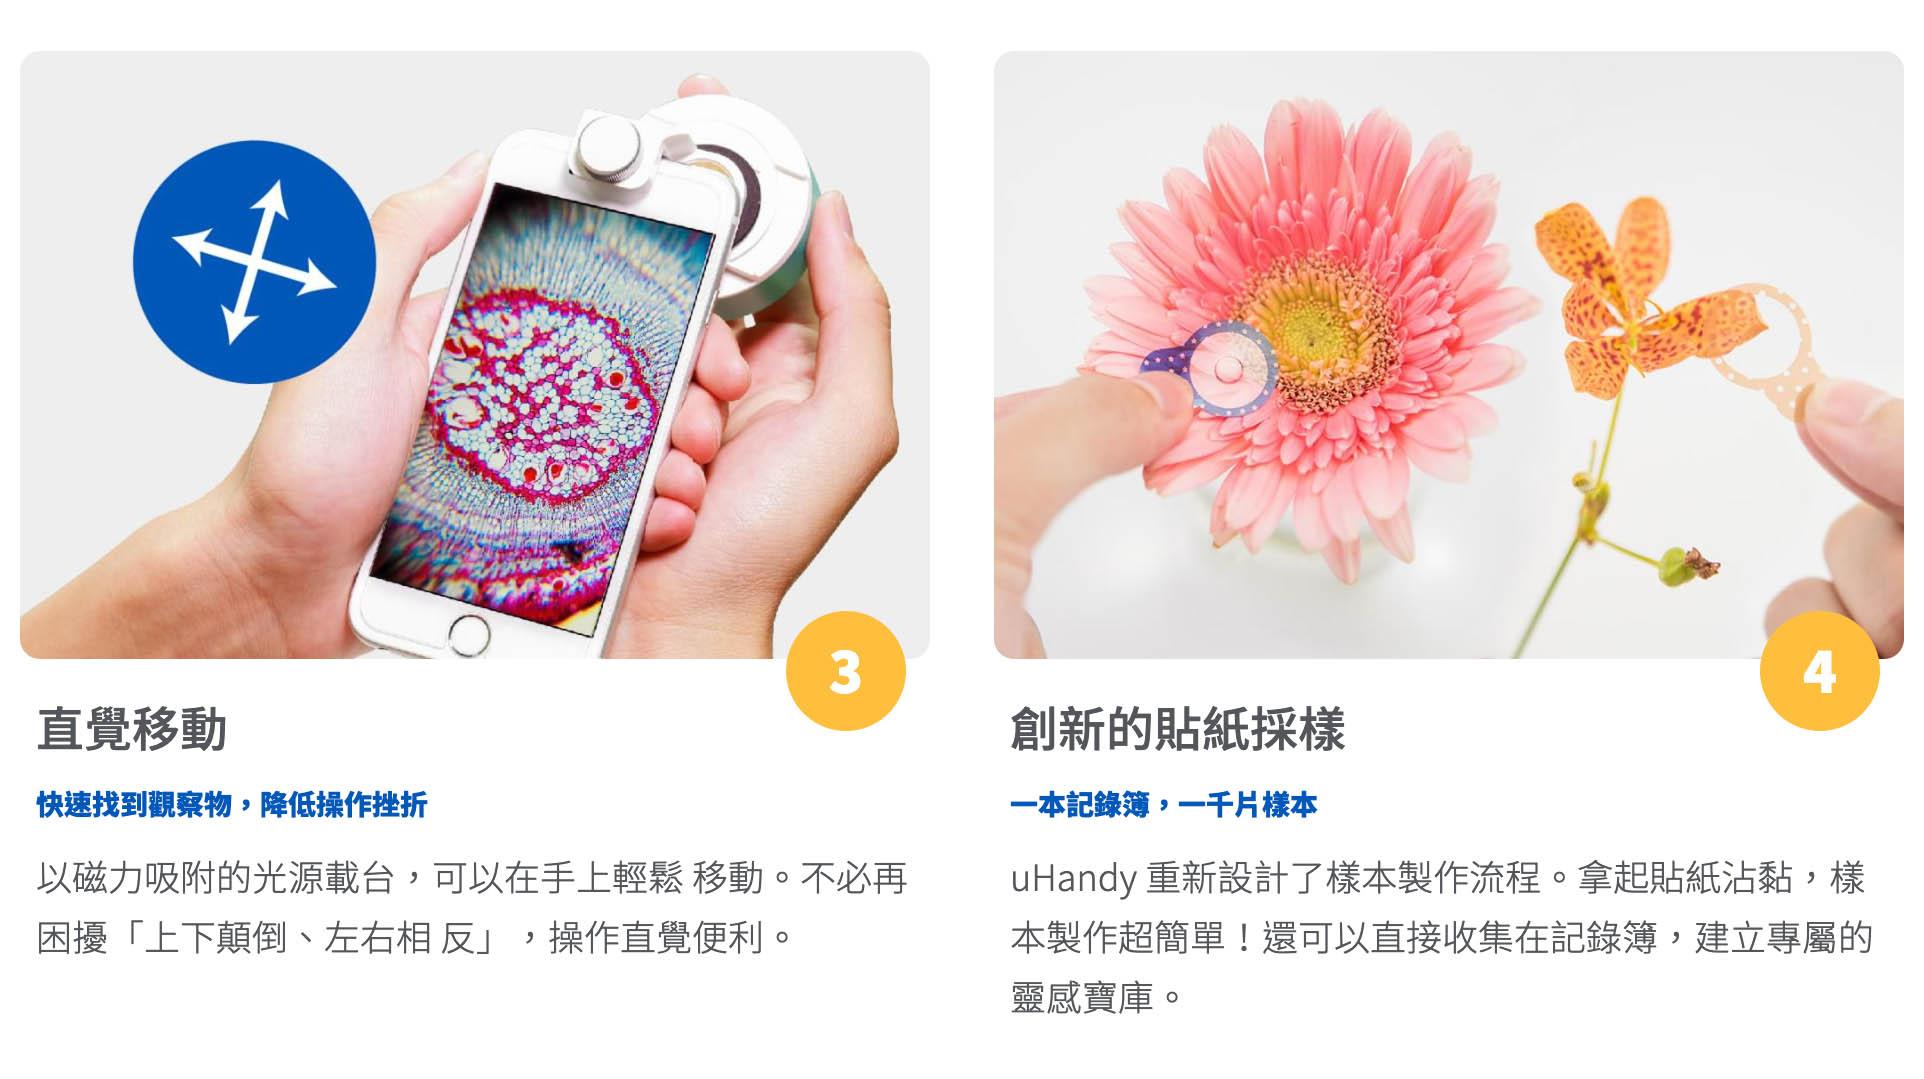 最受歡迎的 6 大產品特色(3&4)